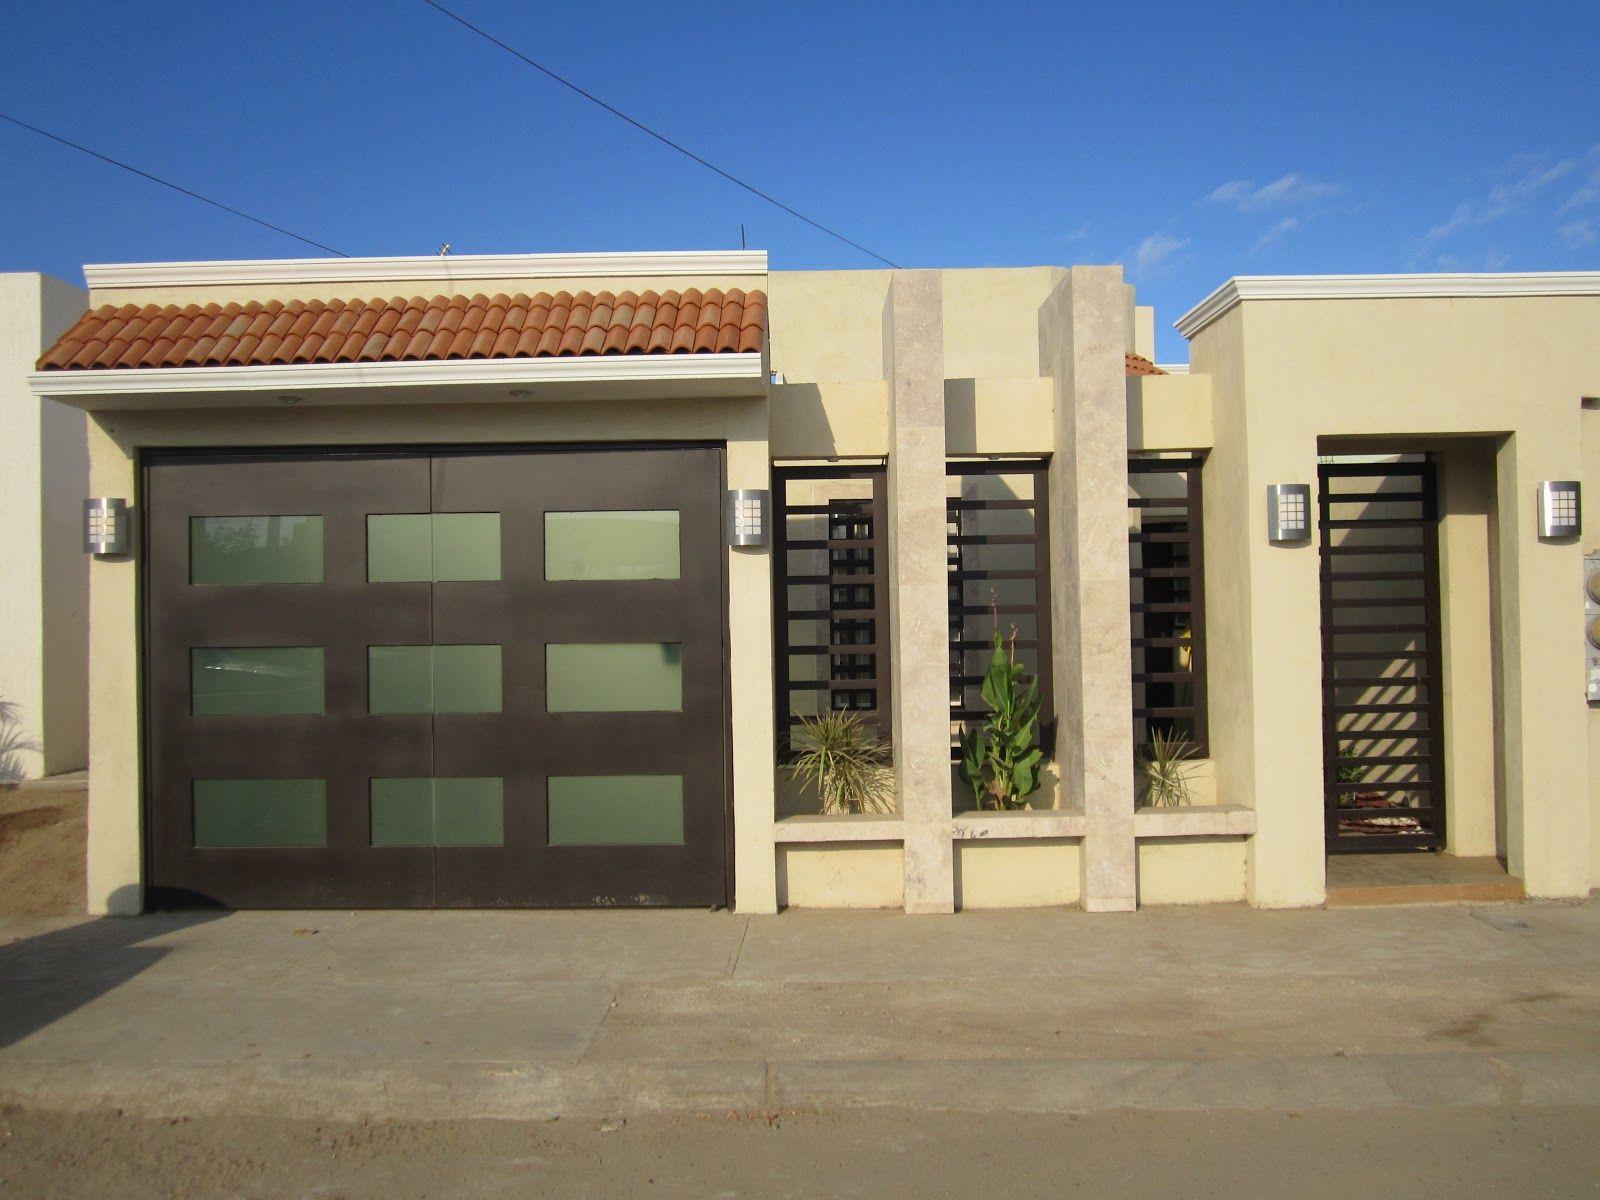 Fachadas de casas de 2 pisos fachada de casa pinterest for Fachadas de casas modernas de 2 pisos